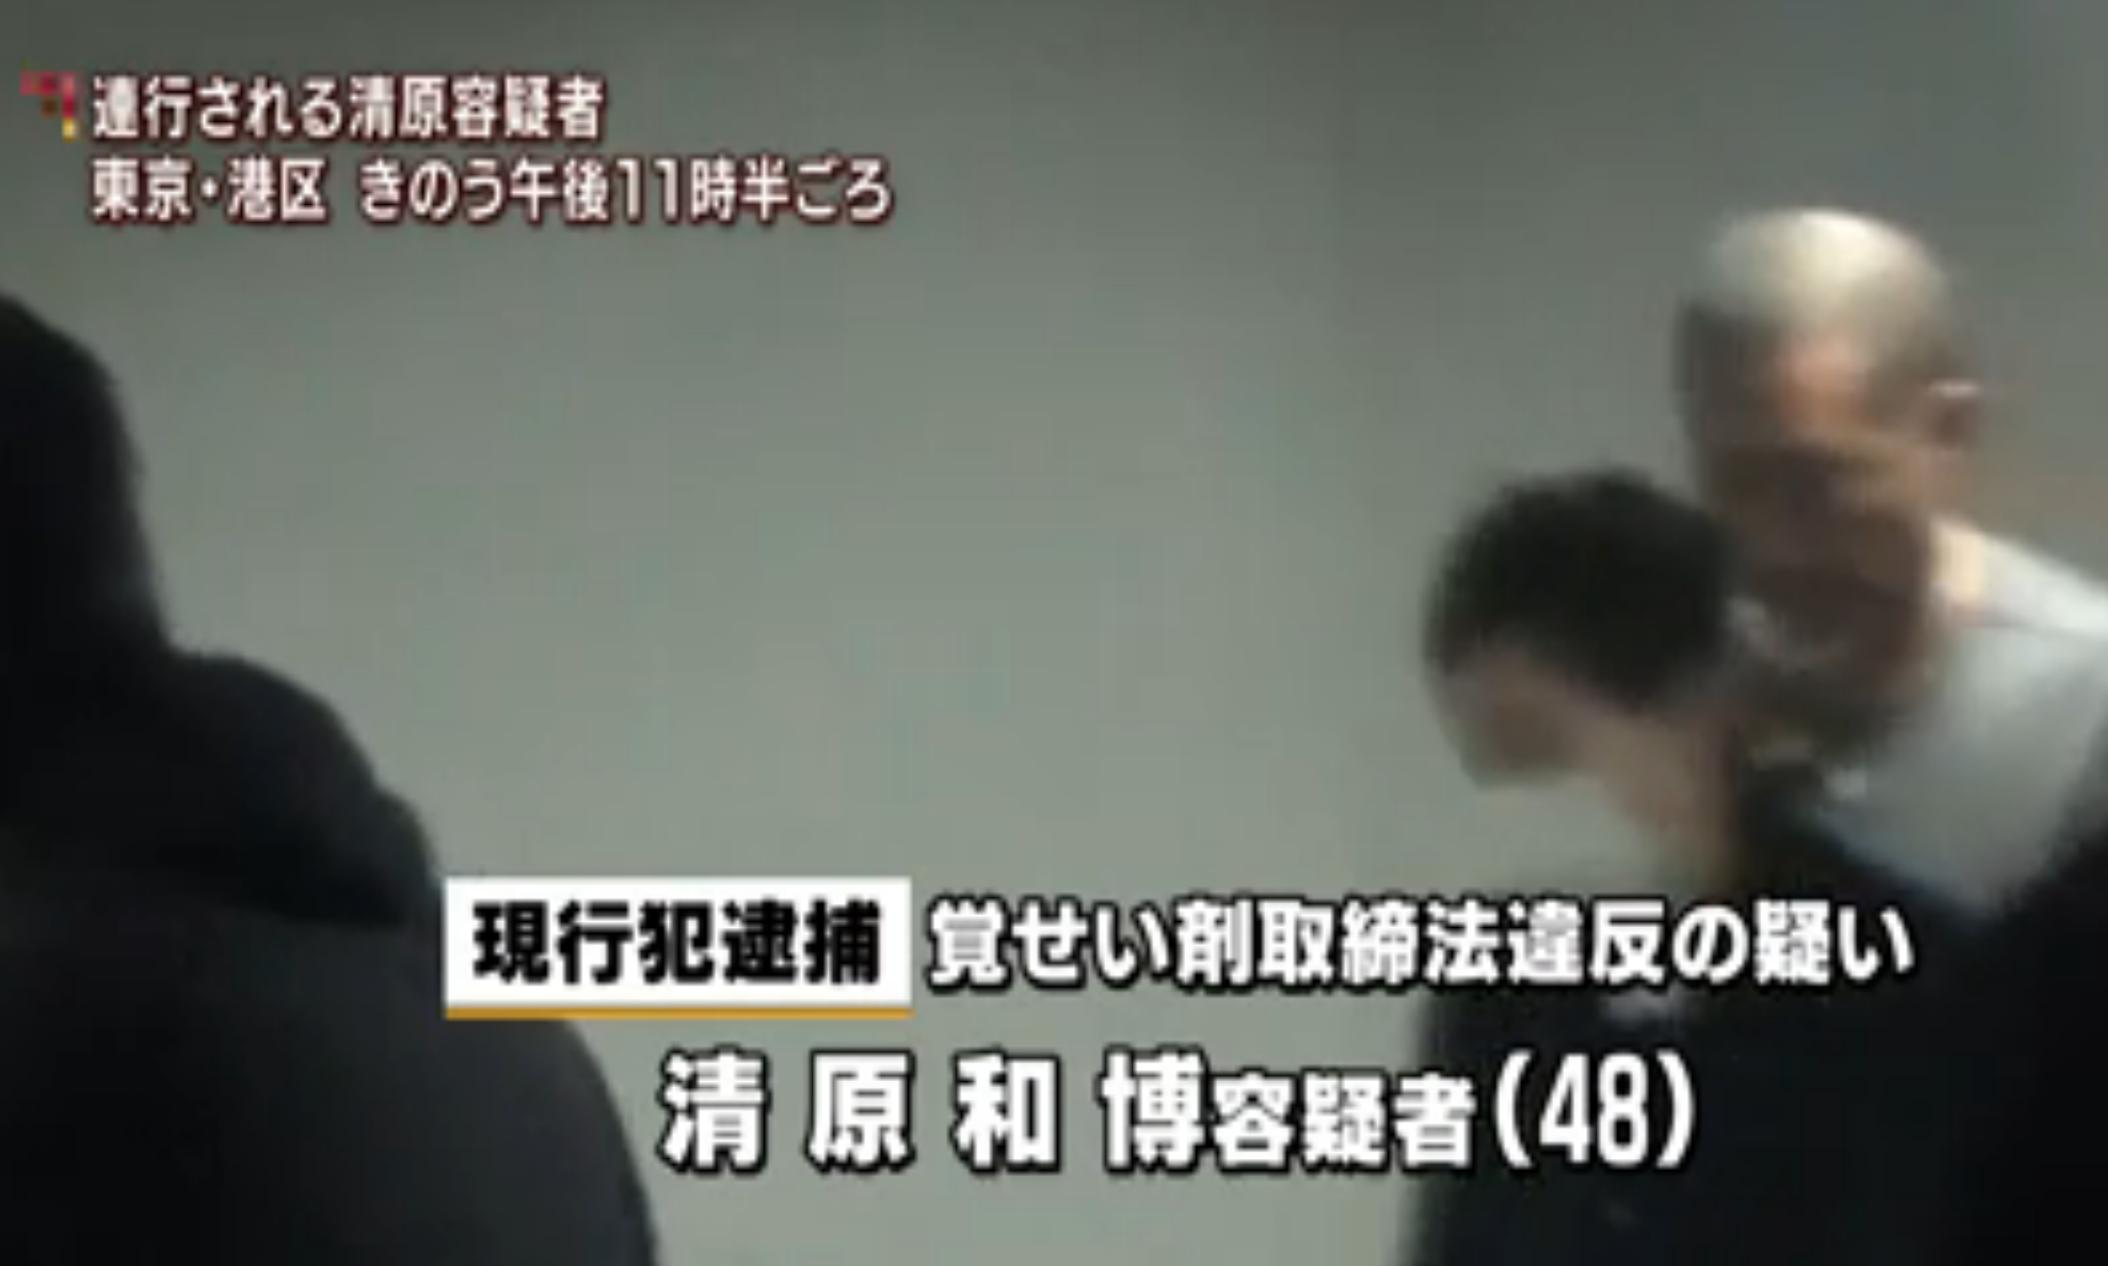 清原和博氏 覚せい剤 逮捕 薬物使用疑惑